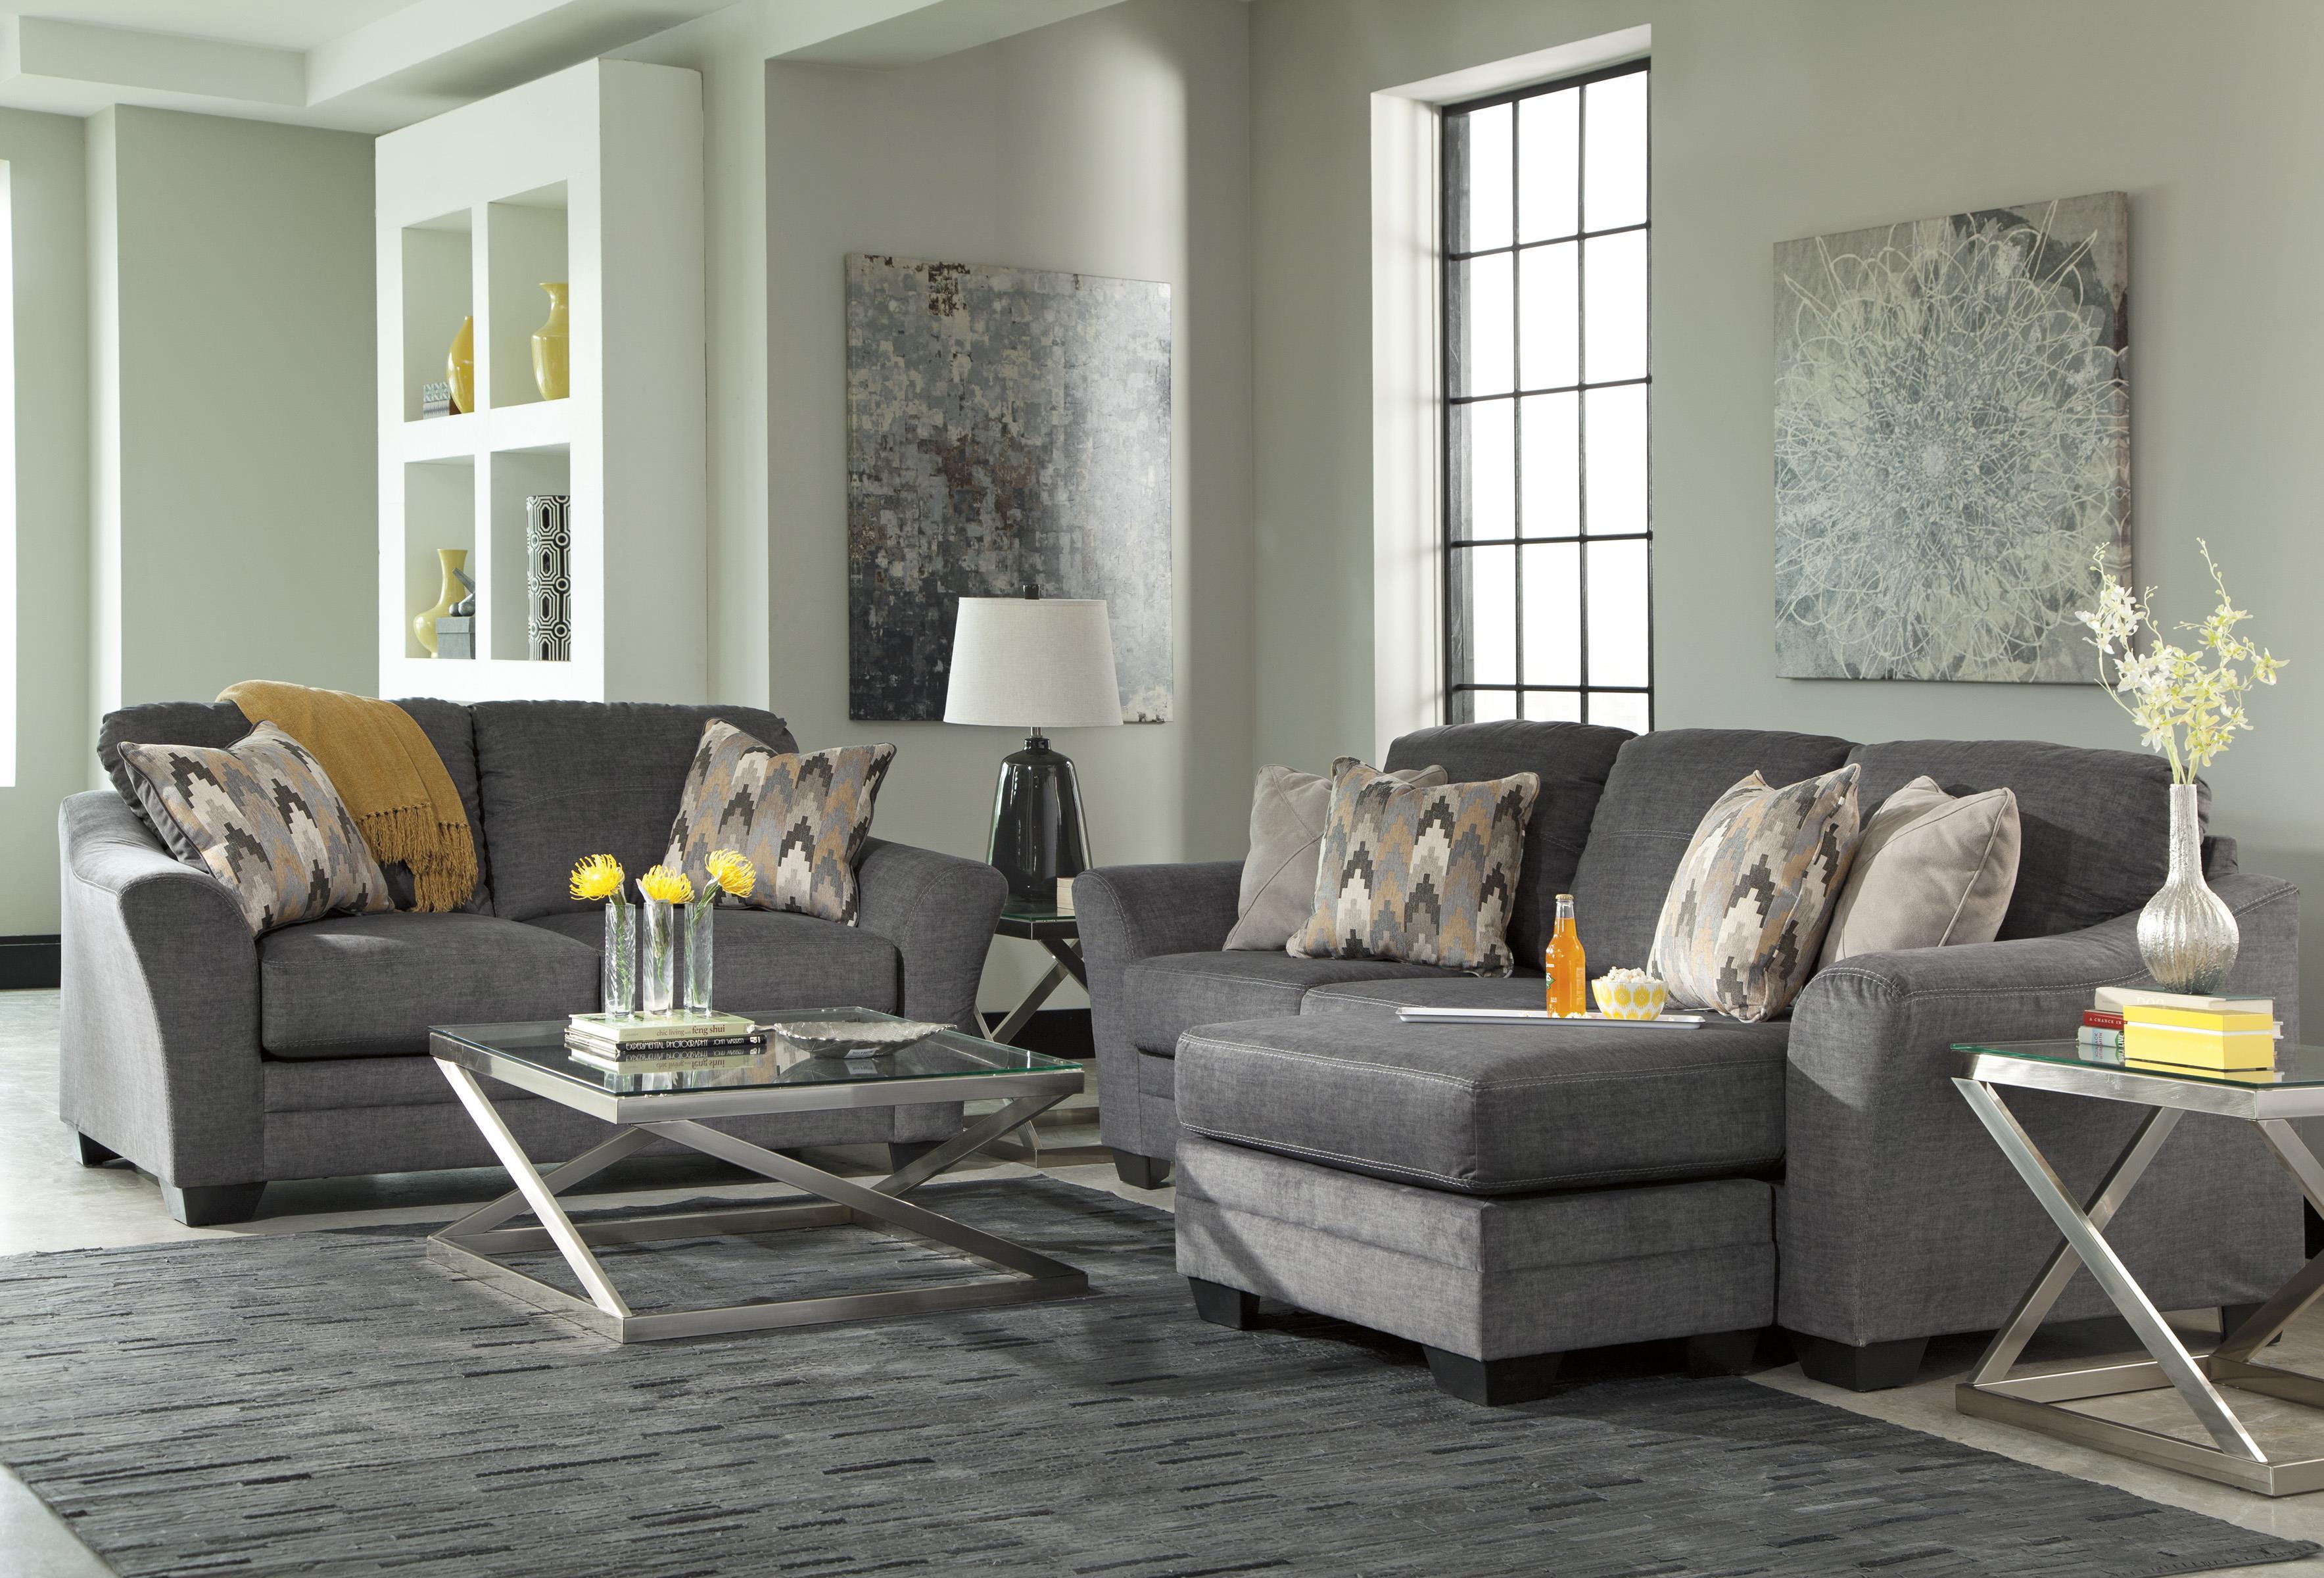 Benchcraft Braxlin 8850218 Contemporary Sofa Chaise In